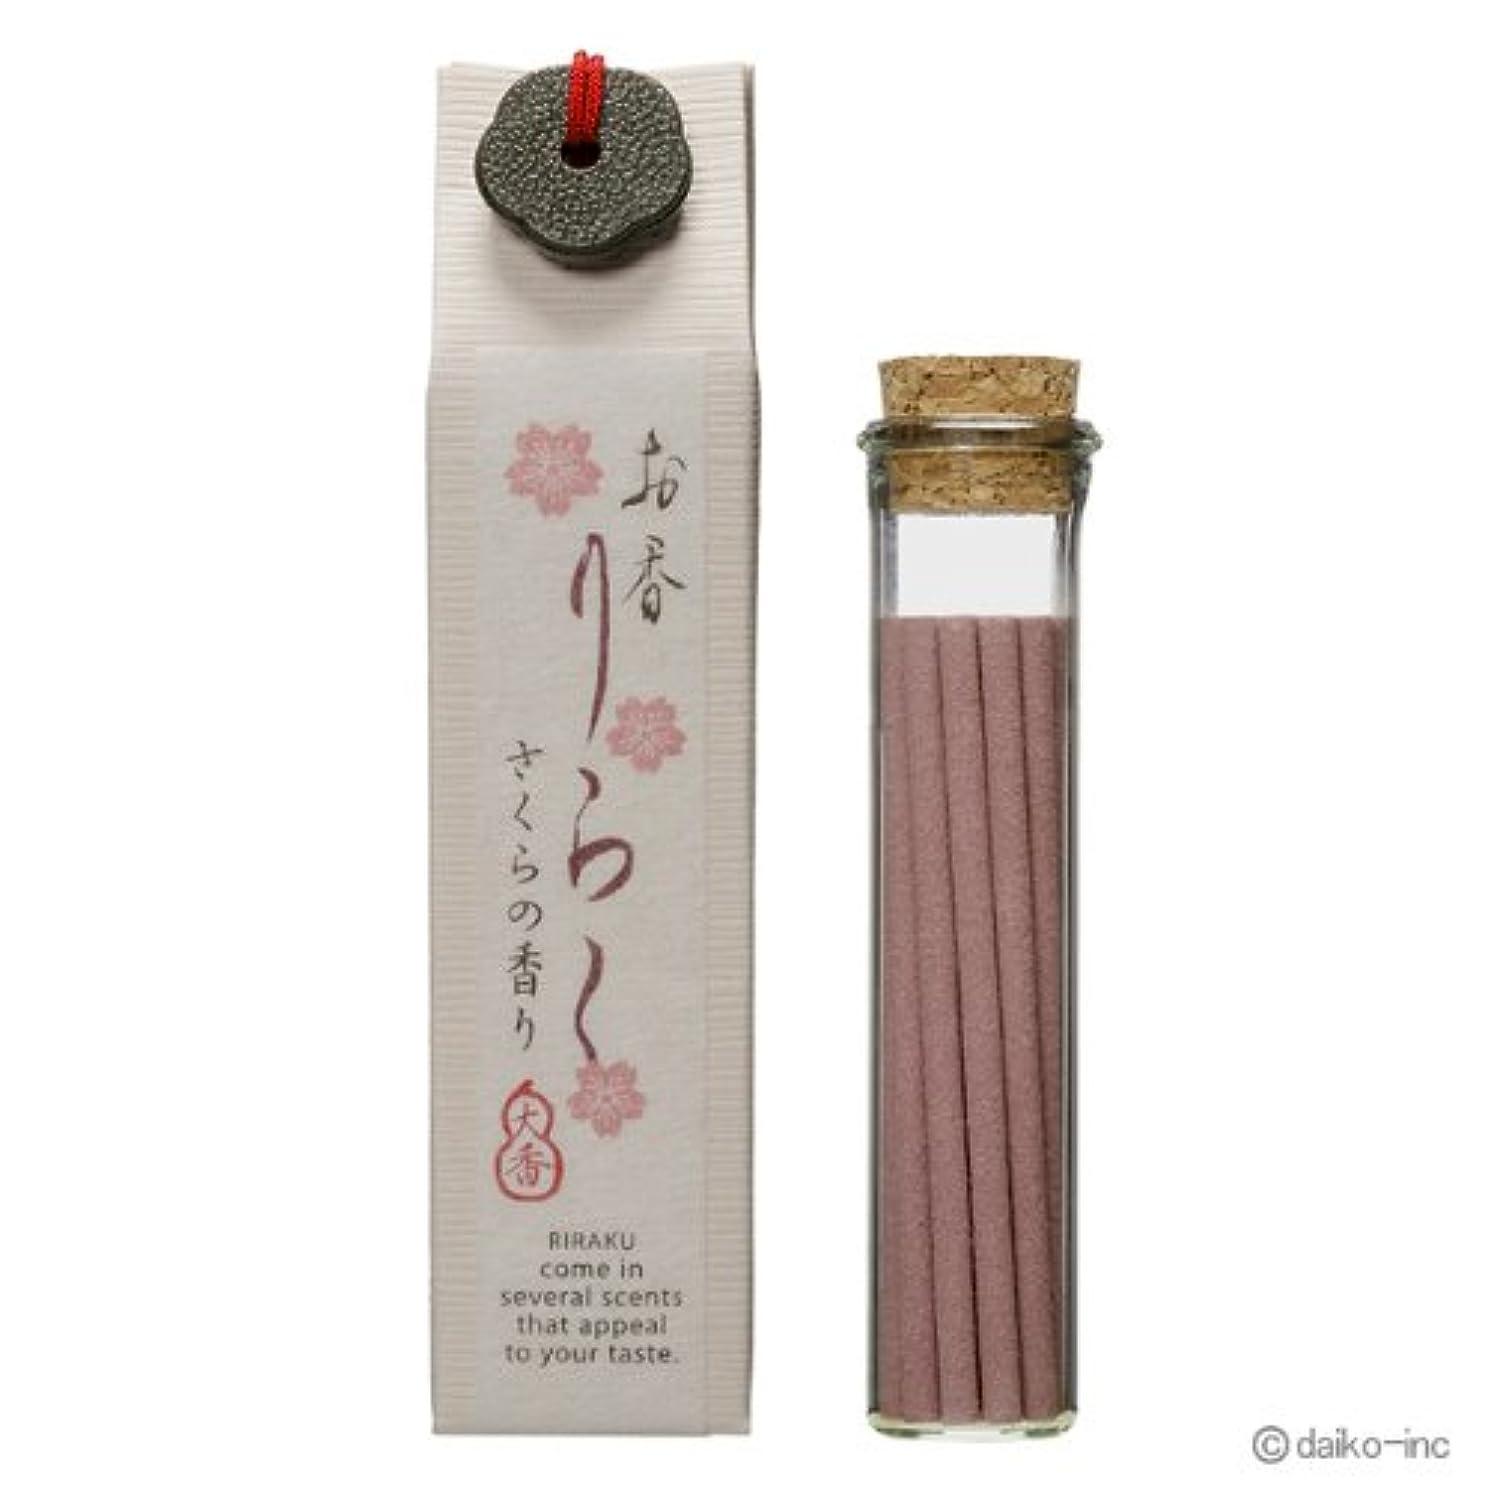 豚くしゃみ貴重なお香りらく さくら お香15本入 6個セット